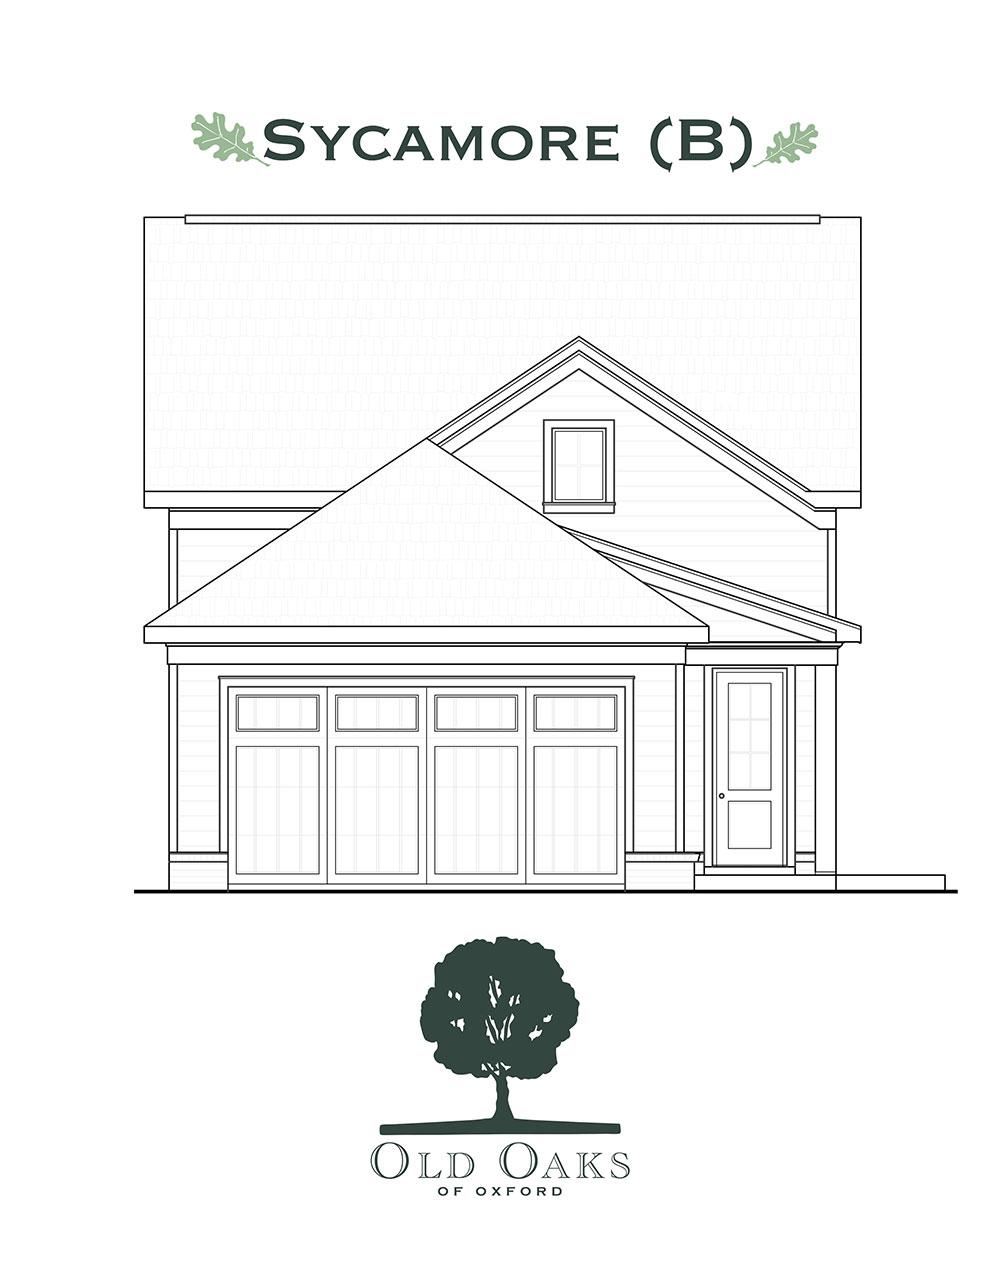 Sycamore (B)